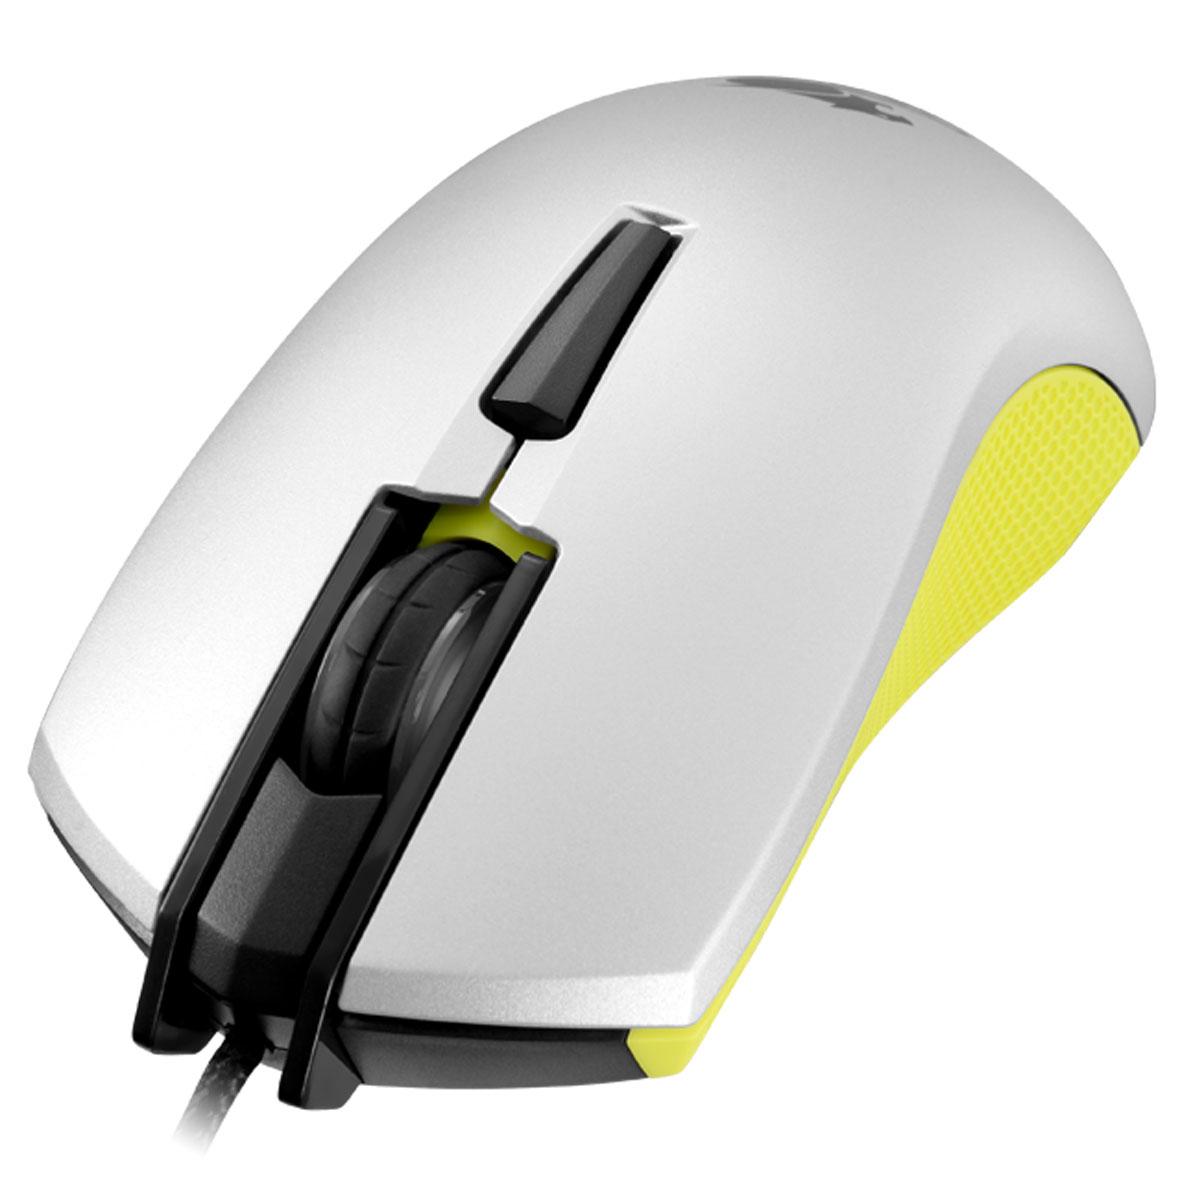 Cougar 230M, Yellow игровая мышьCU230M-YИгровая мышь Cougar 230M с оптическим сенсором продвинутого игрового уровня сочетает в себе доступную цену и функциональность.Продвинутый сенсор 3200 dpi:Сенсорная технология игровой точности 3200 dpi. Высокопроизводительный оптический датчик.Переключатели Omron:Переключатели Omron гарантируют 5 миллионов кликов для самой продолжительной игровой жизни.Переключение On-the-Fly:Система настройки разрешения dpi ON-THE-FLY. Быстрое переключение между различными настройками разрешения - 400/800/1600/3200 dpi.симметричная форма:Удобная форма Cougar 230M идеально подходит для хвата как правой, так и левой рукой, а дополнительные клавиши расположены с обеих сторон, что позволяет и левшам, и правшам использовать полную функциональность мыши.Плетеный Кабель:Прочное и долговечное решение для игроманов, защищает мышь Cougar 230M от износа.Нескользящее боковое покрытие:Мышь держит игровые победы под контролем - корпус устройства имеет высококачественное нескользящее боковое покрытие.Подсветка колесика:Светодиодная подсветка колесика с эффектом дыхания в цвет корпуса.Сенсор: PAW-3307Частота опроса: 1000 ГцВремя отклика: 1 мсСвичи: OMRONСкорость съемки: 3600 FPSМаксимальная скорость слежения: 65 IPSМаксимальное ускорение: 30G